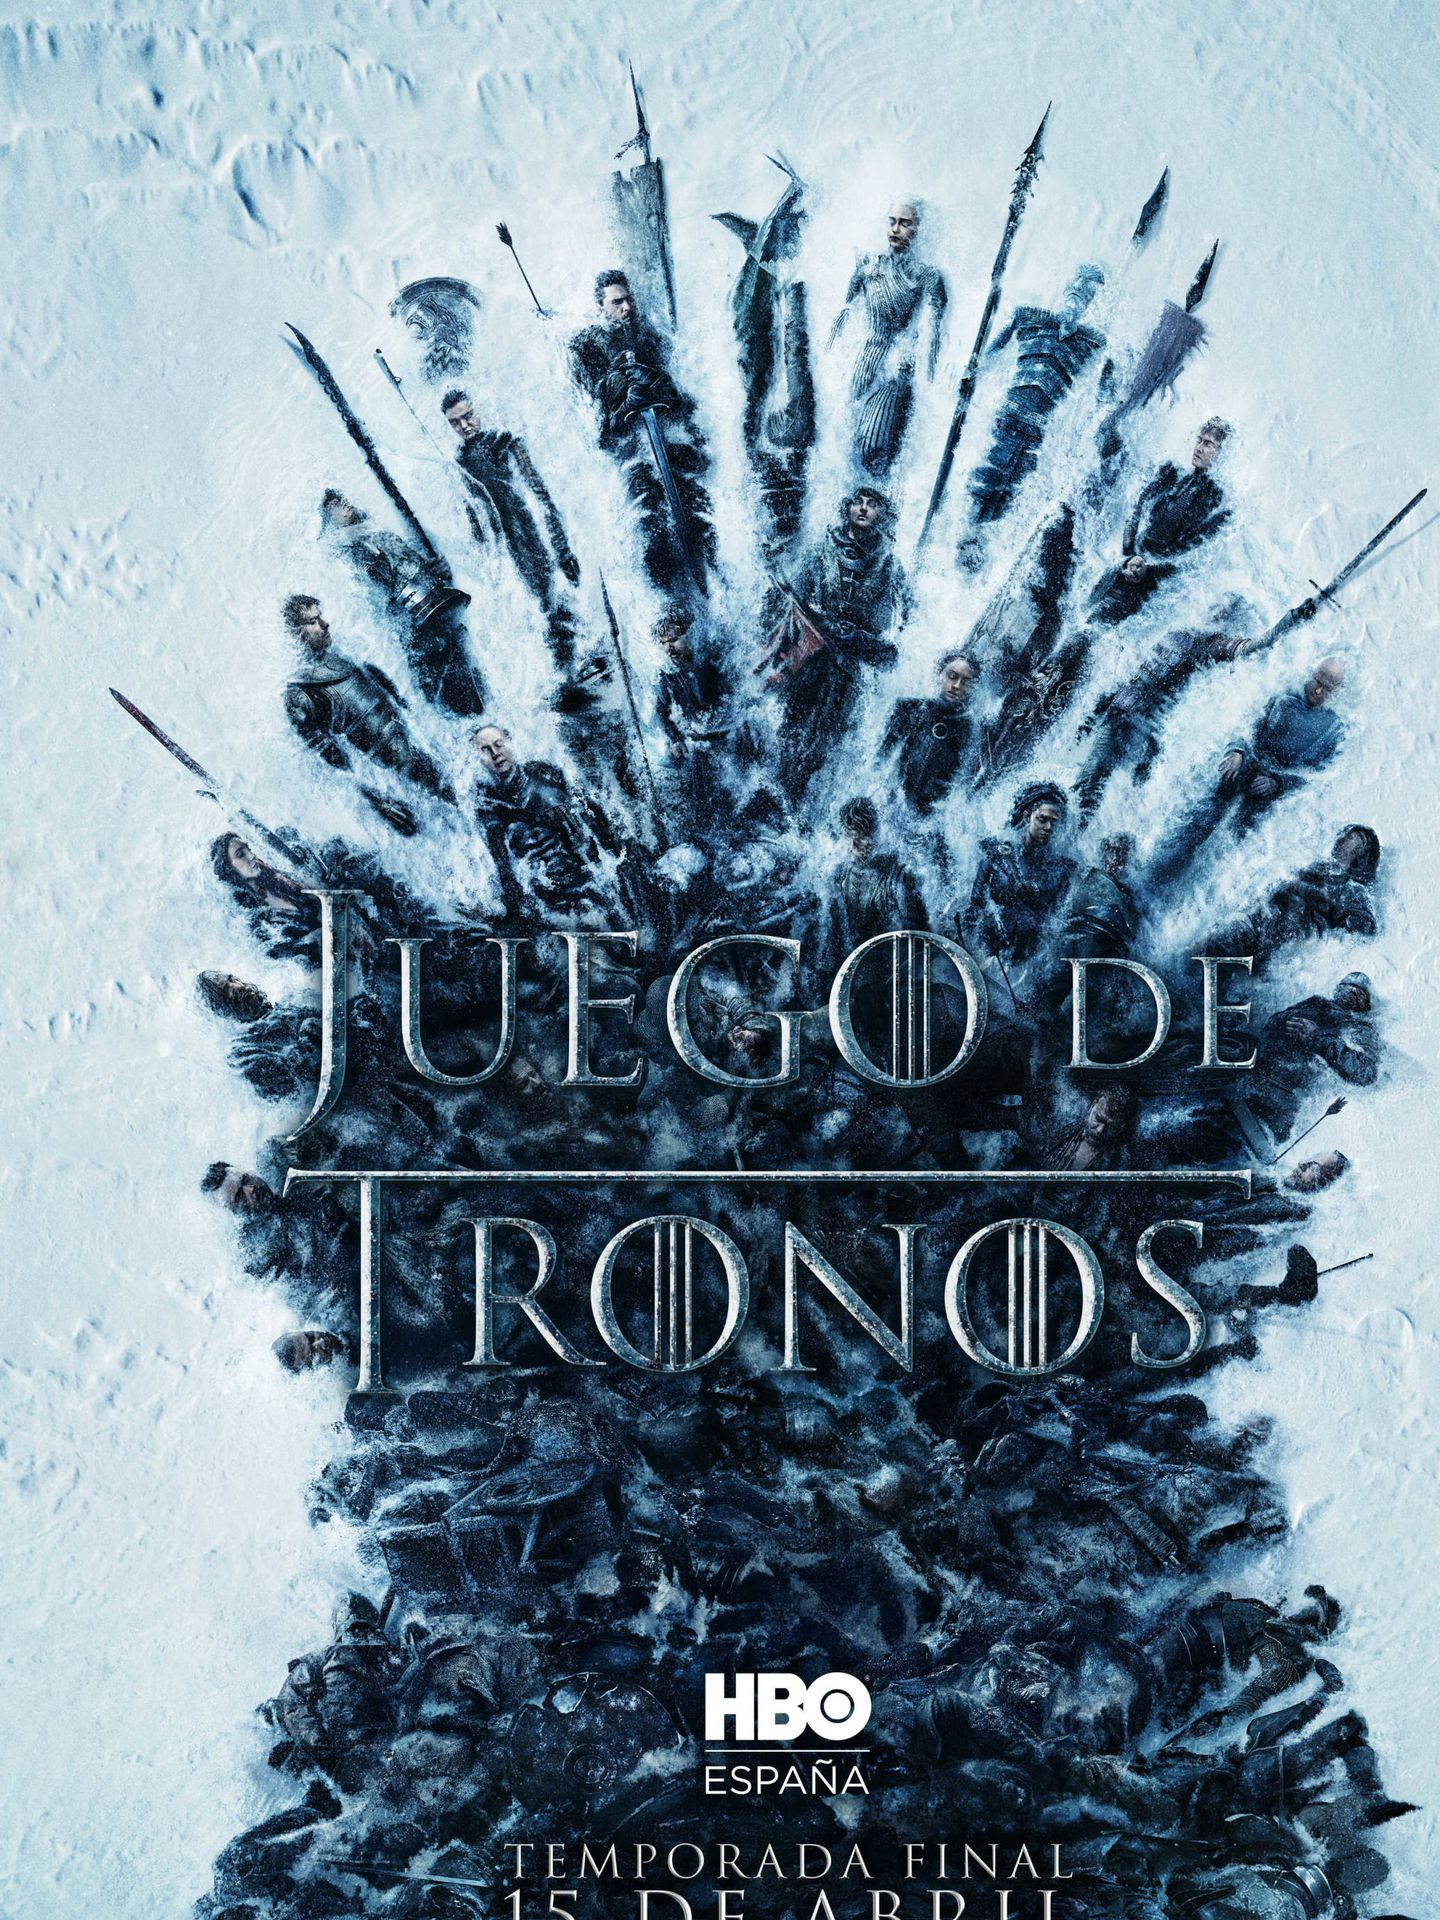 Cartel promocional de la temporada final de 'Juego de tronos'. (HBO)